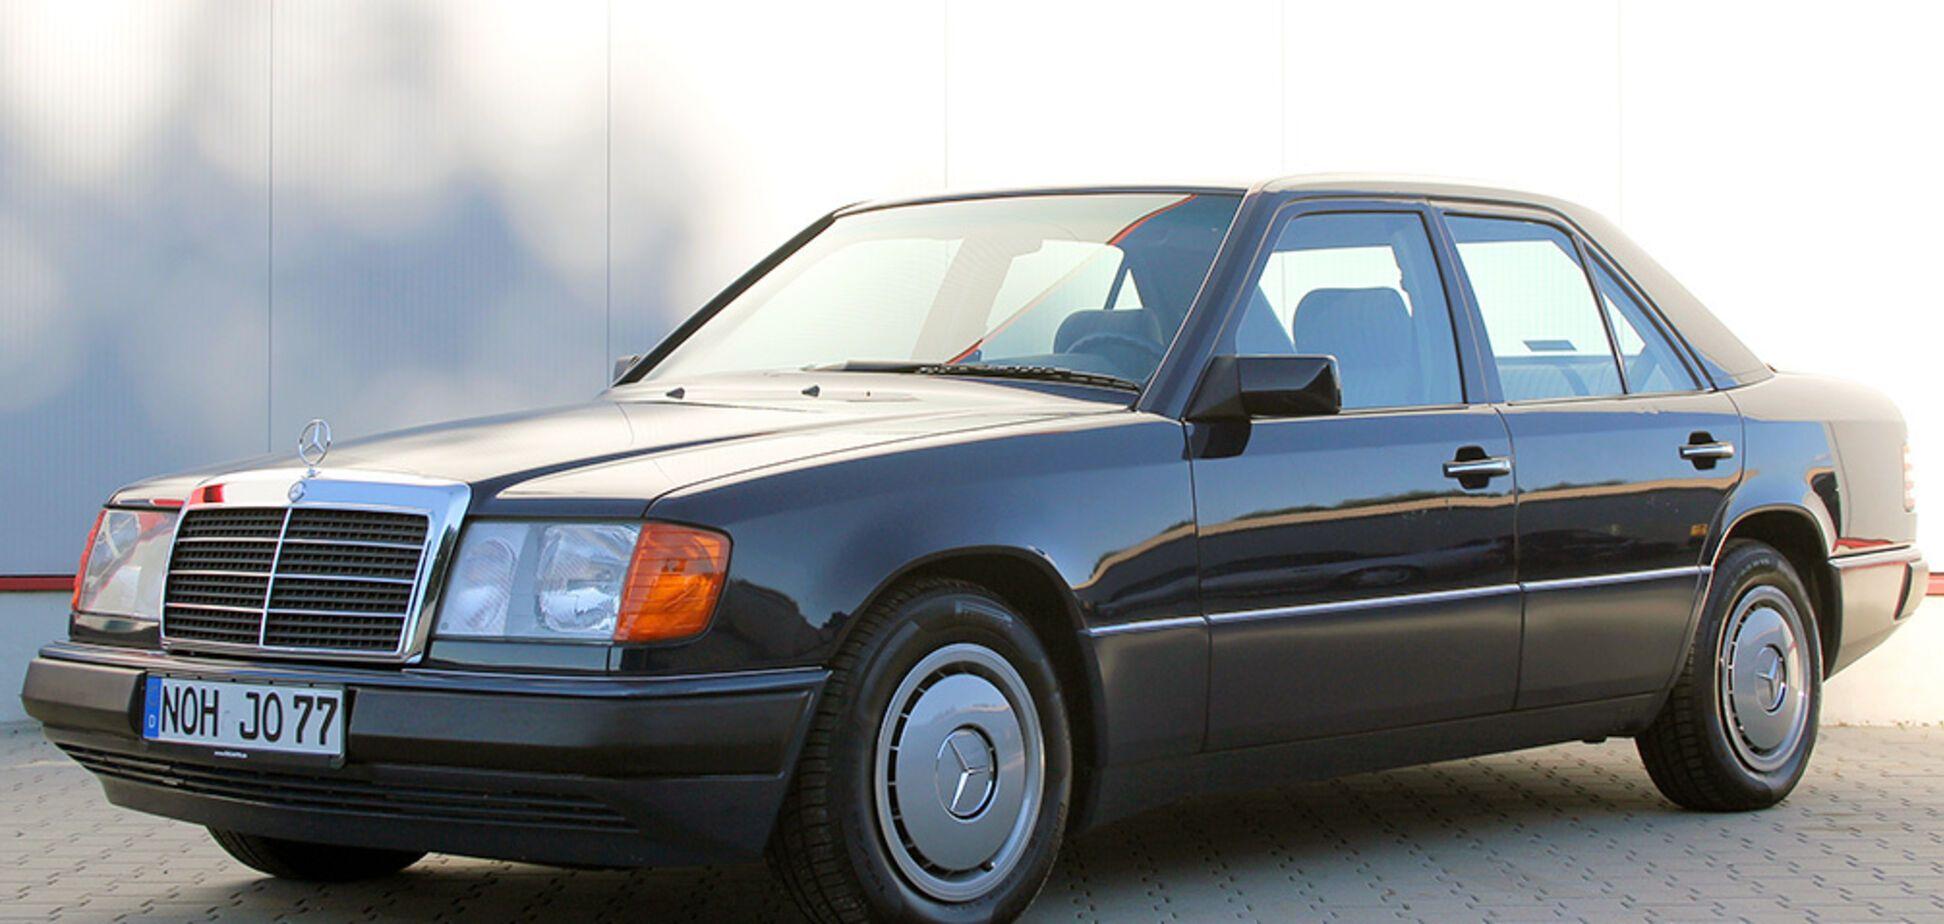 Коллекционный Mercedes W124 выставили на продажу по цене нового 'Логана'